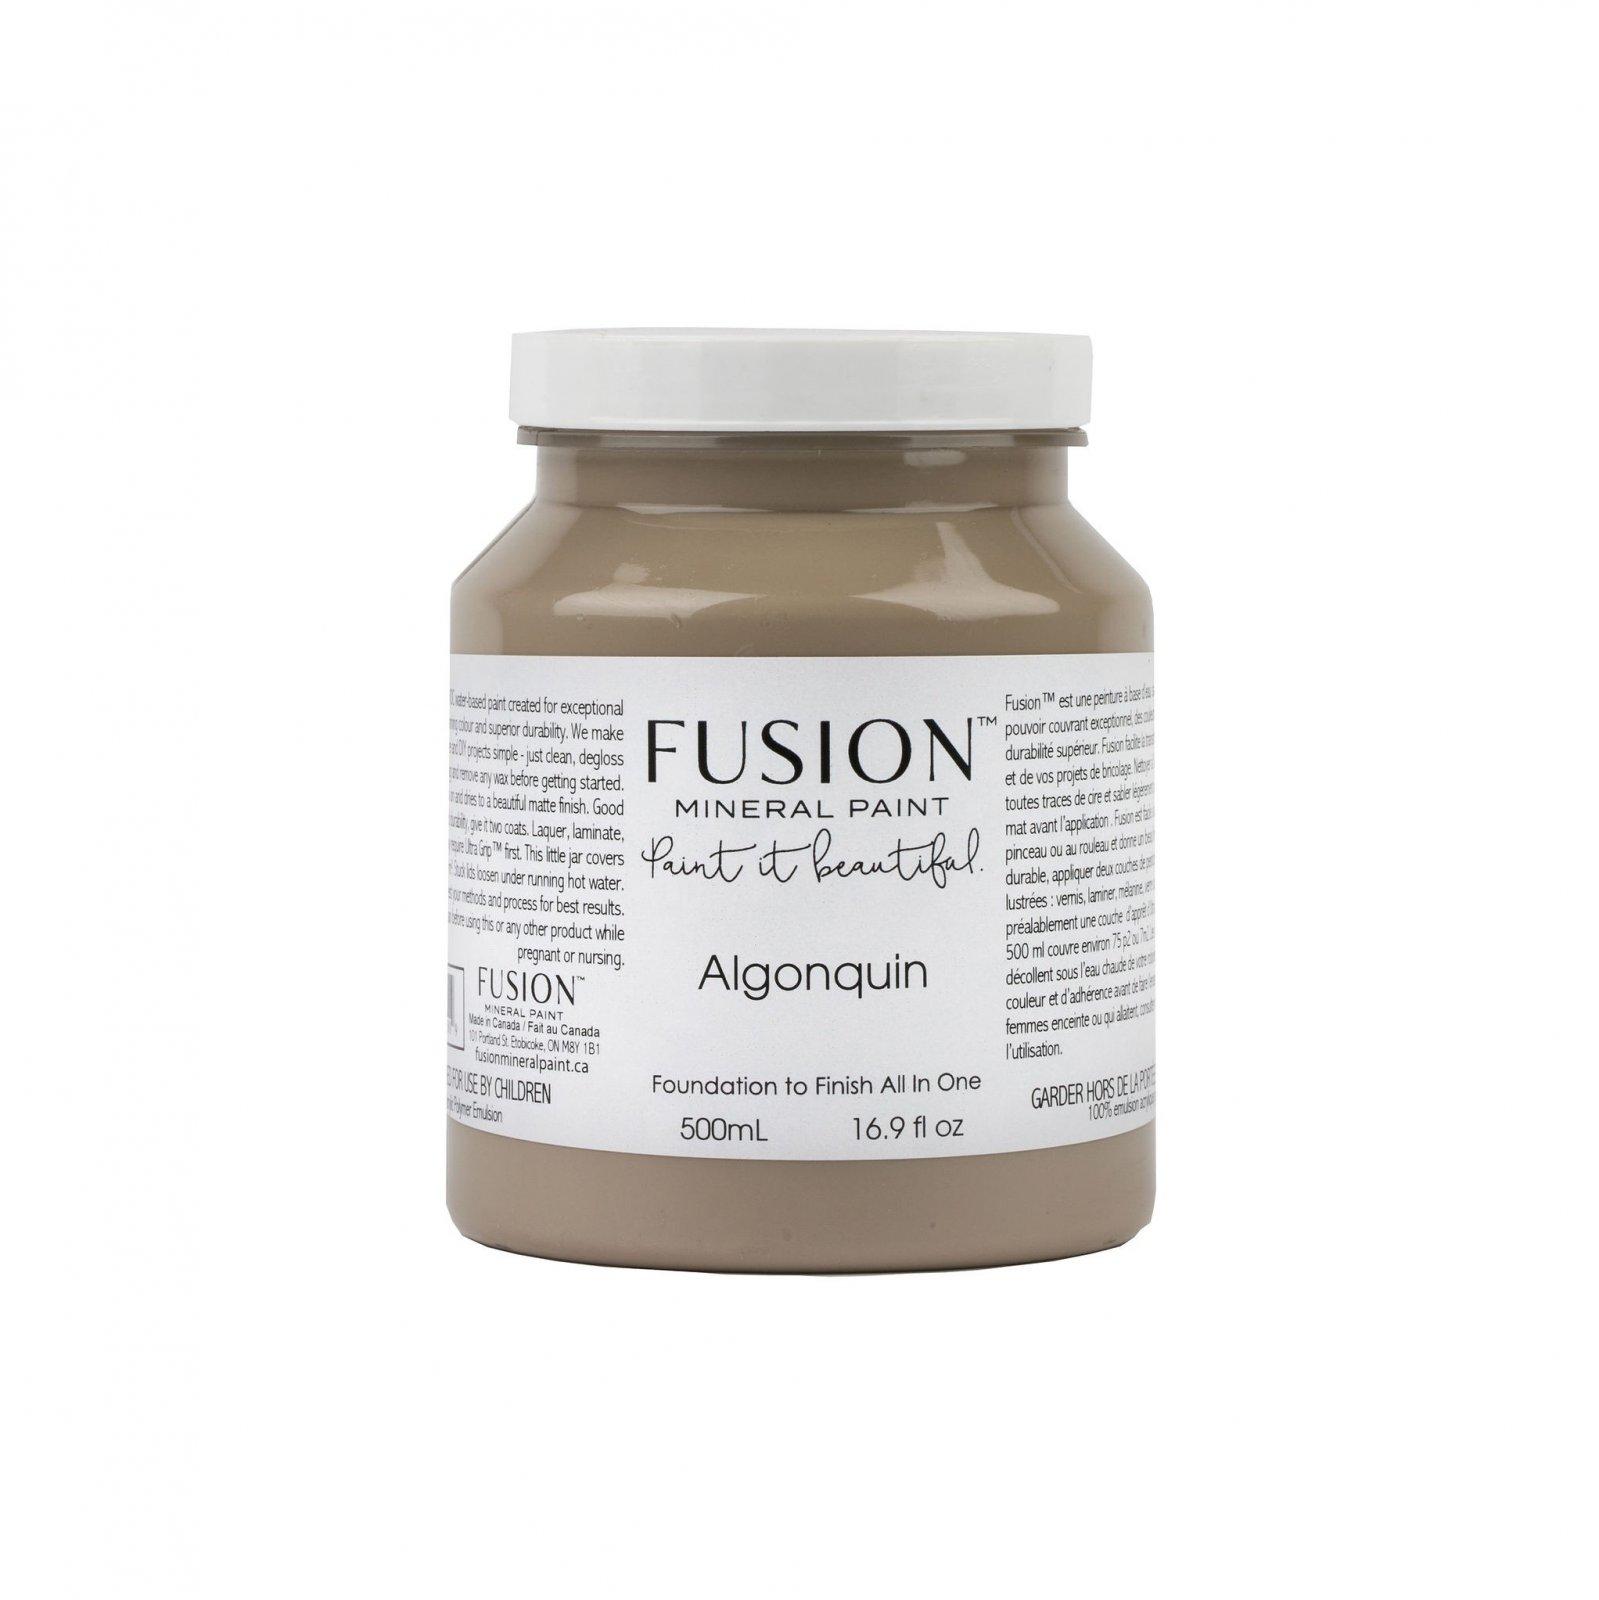 Algonquin Pint Fusion Mineral Paint